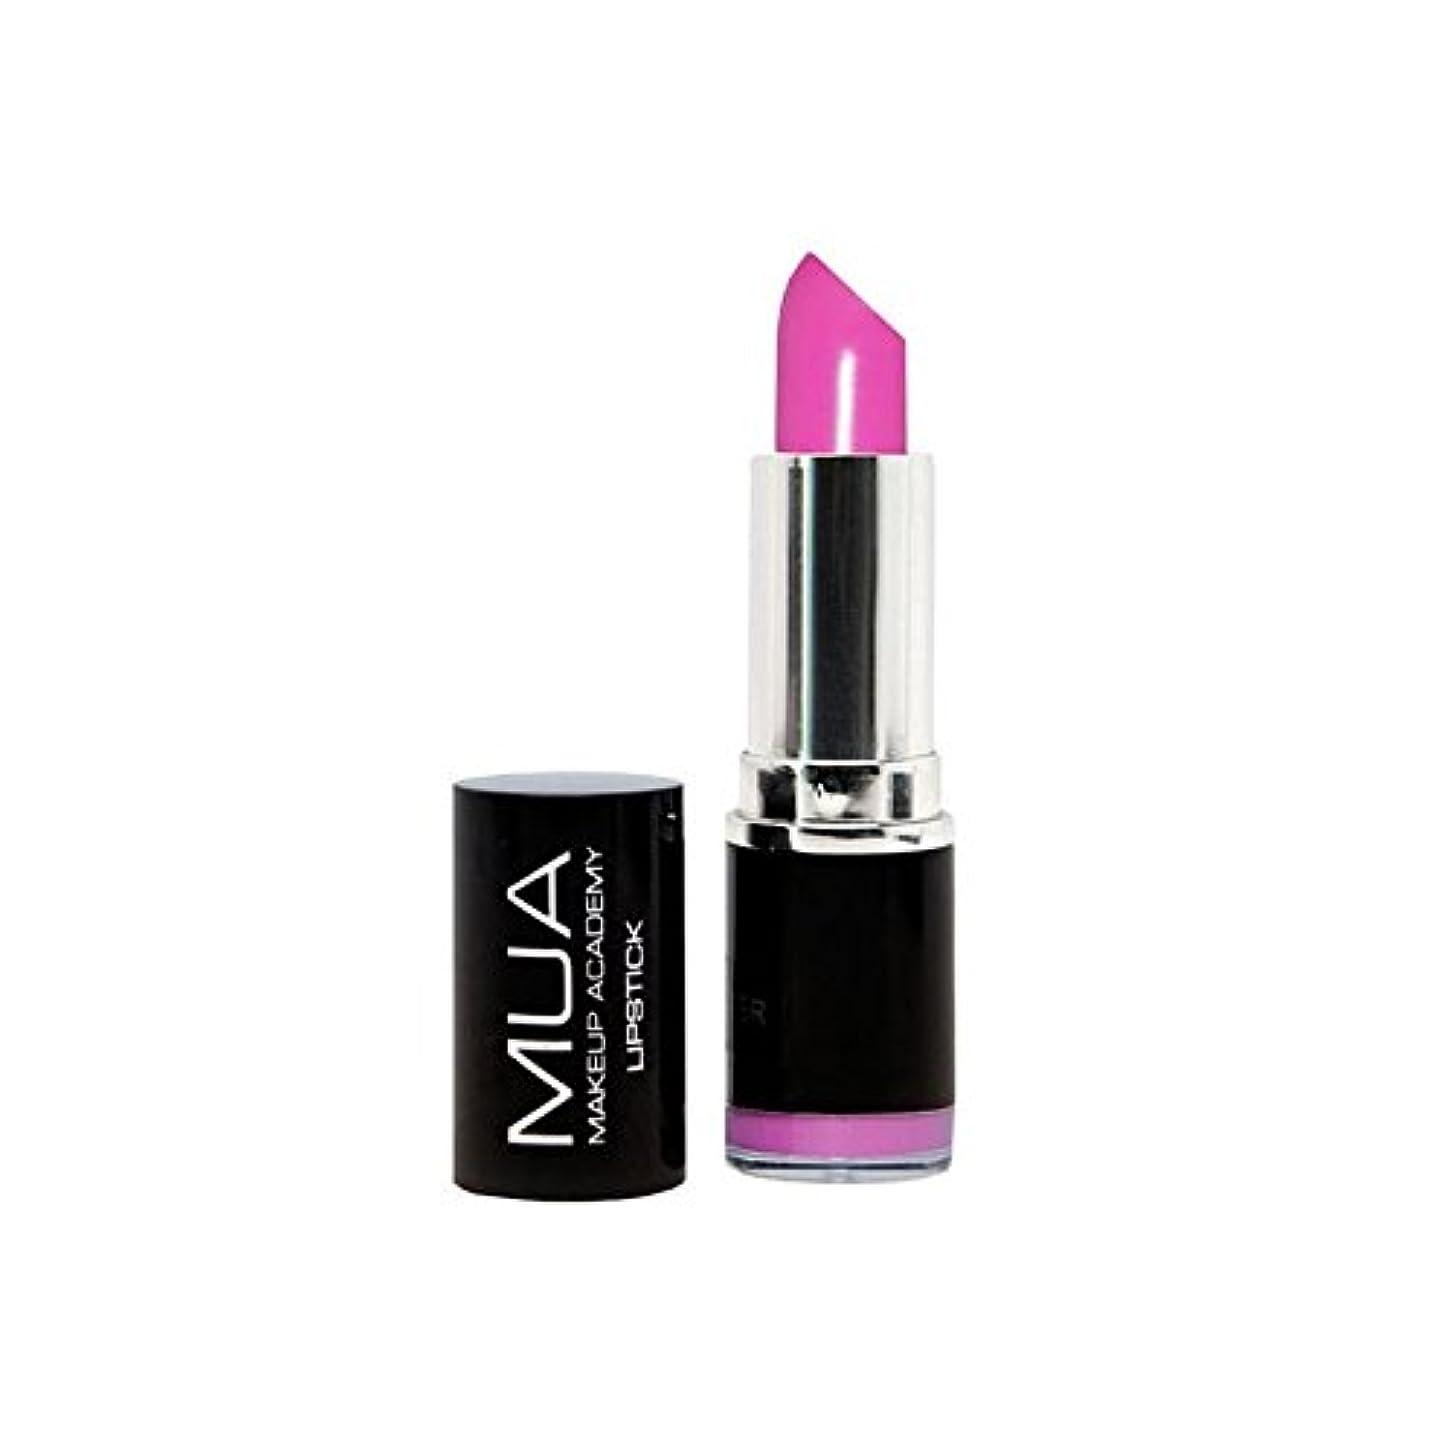 趣味落胆させる境界MUA Lipstick - Persian Rose - の口紅 - ペルシャローズ [並行輸入品]